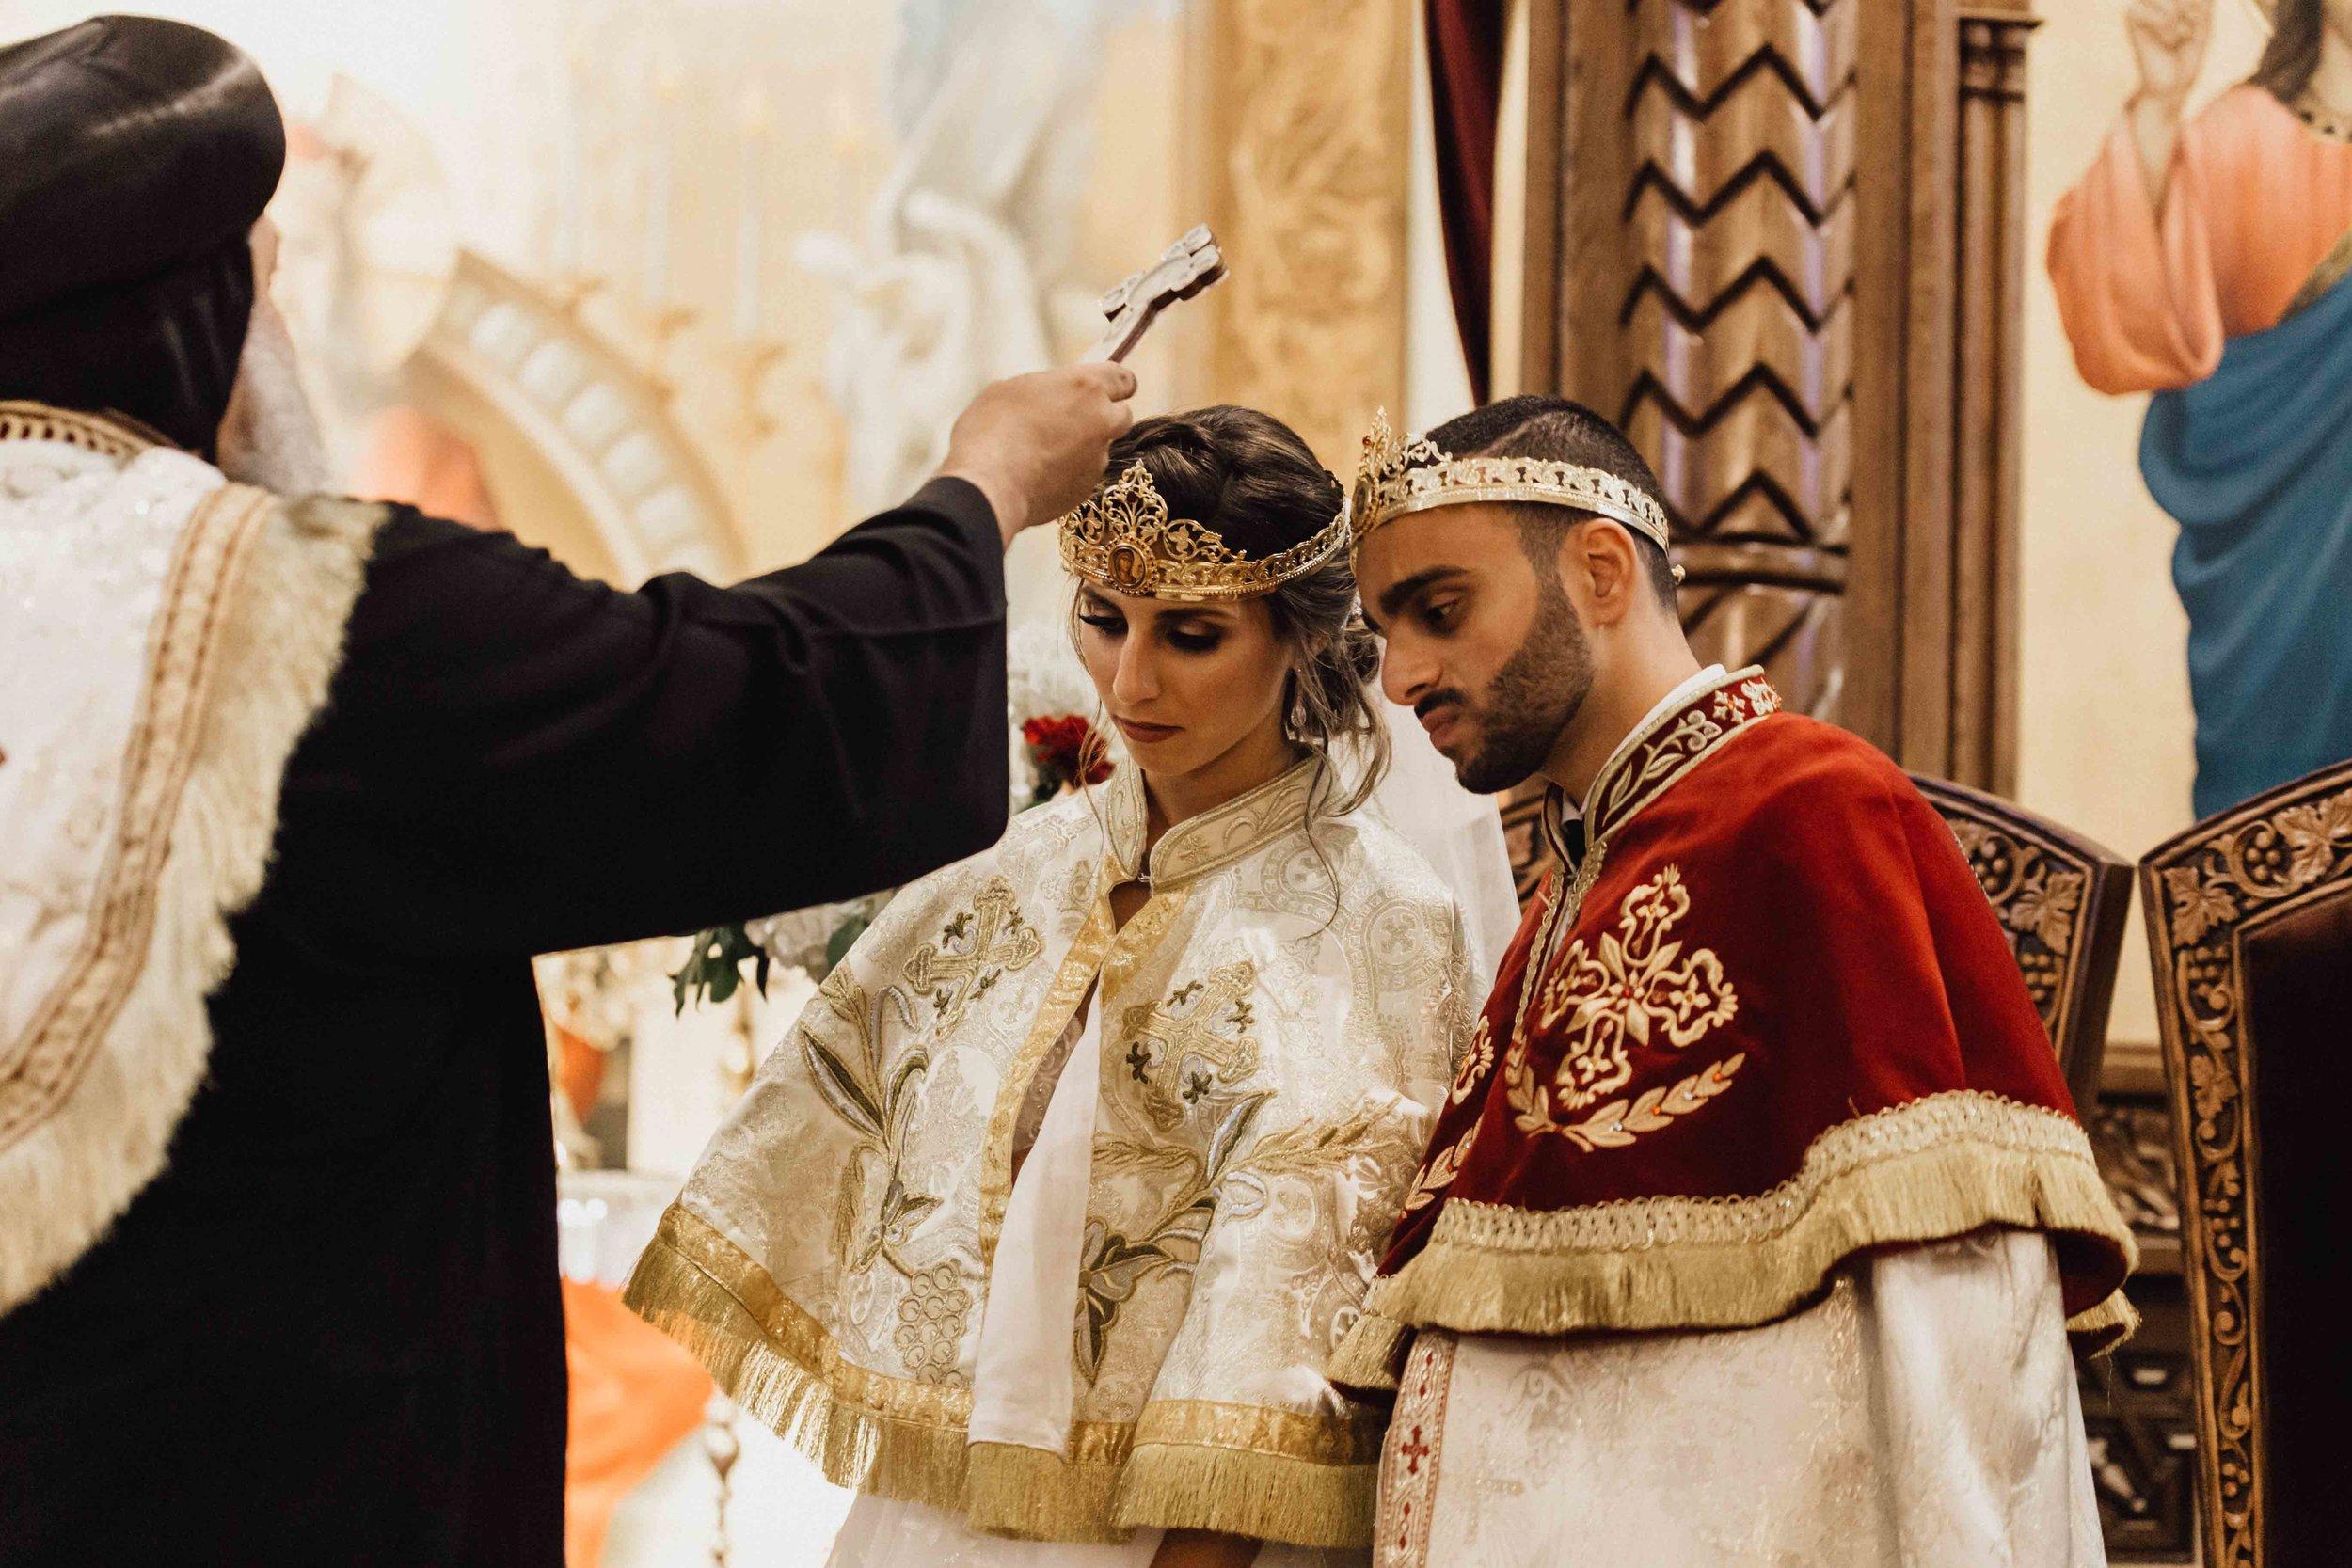 myrtle_beach_south_carolina_wedding_greek_orthodox086.jpg